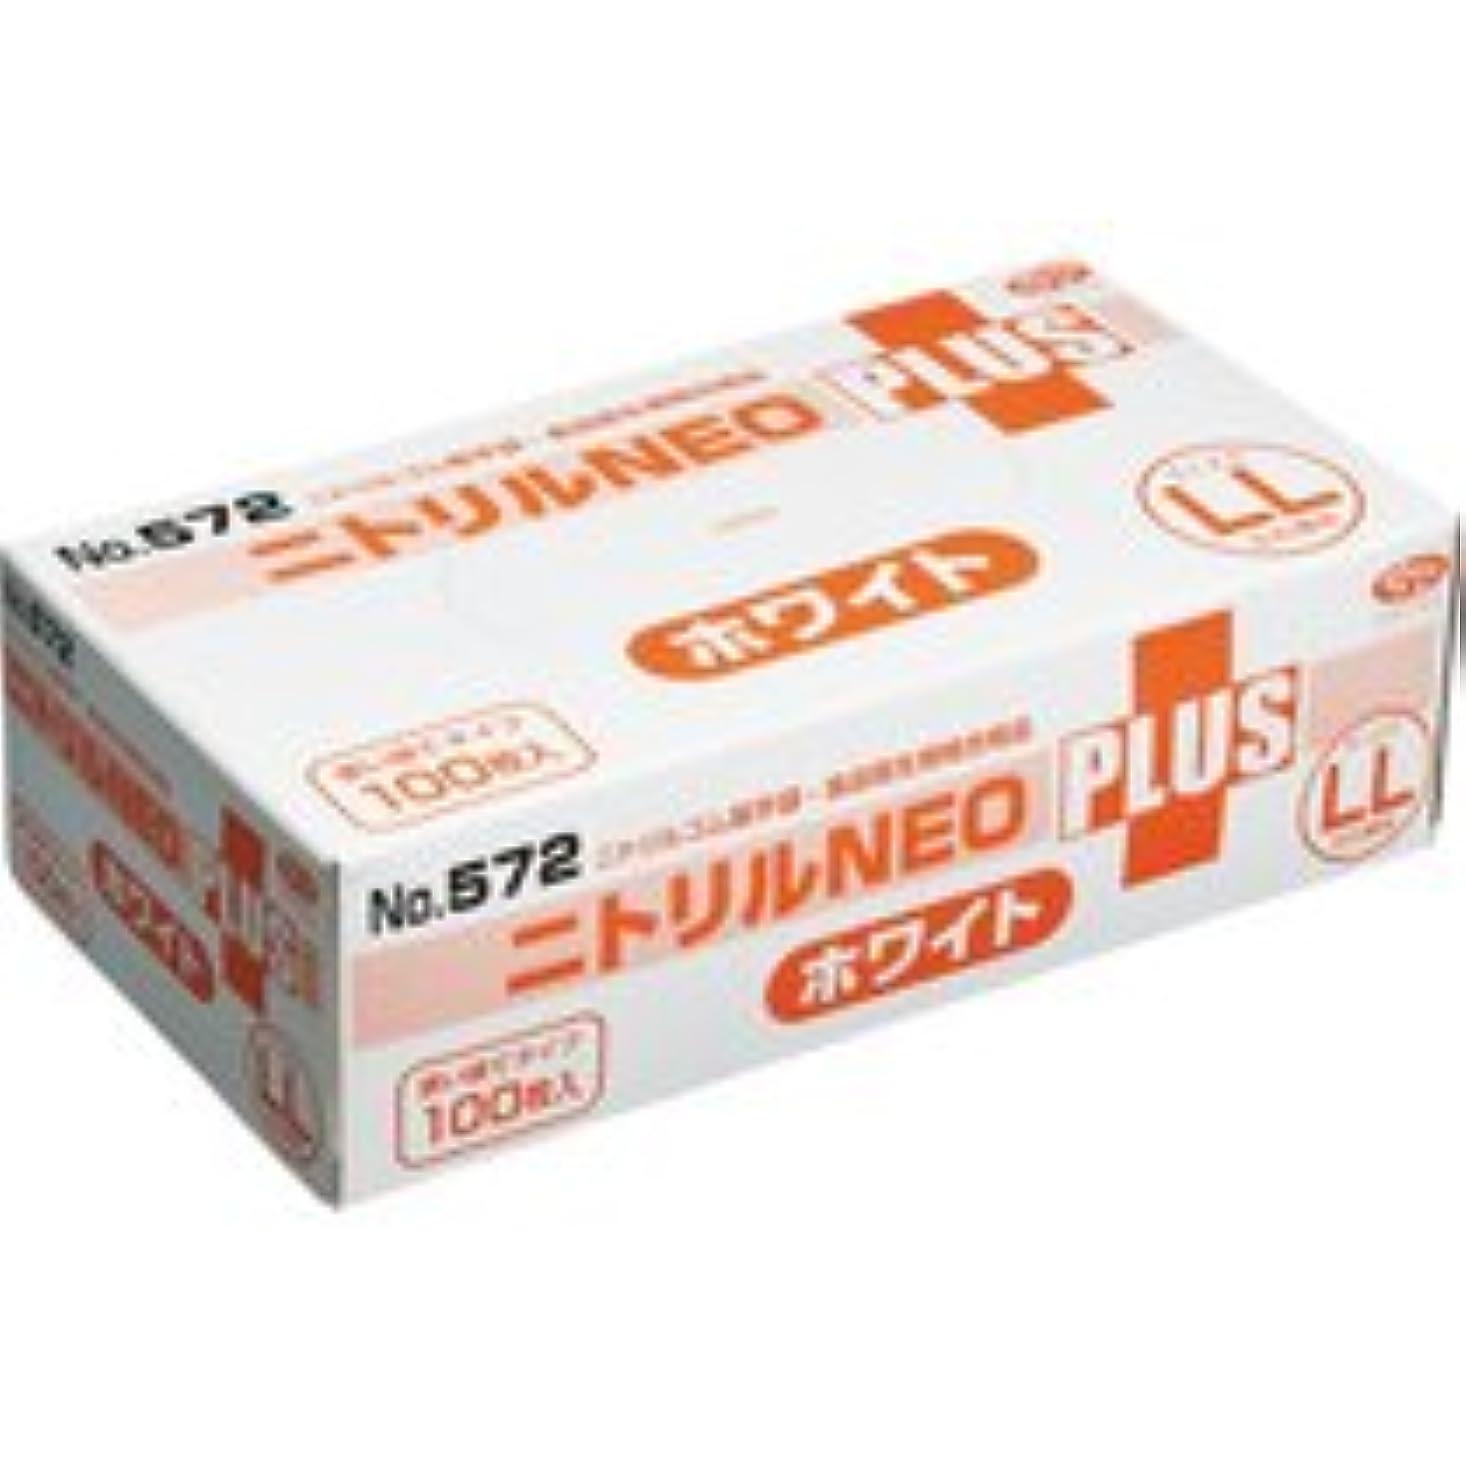 細部炭水化物夕暮れエブノ ニトリルNEOプラス パウダーイン ホワイト LL NO-572 1箱(100枚)